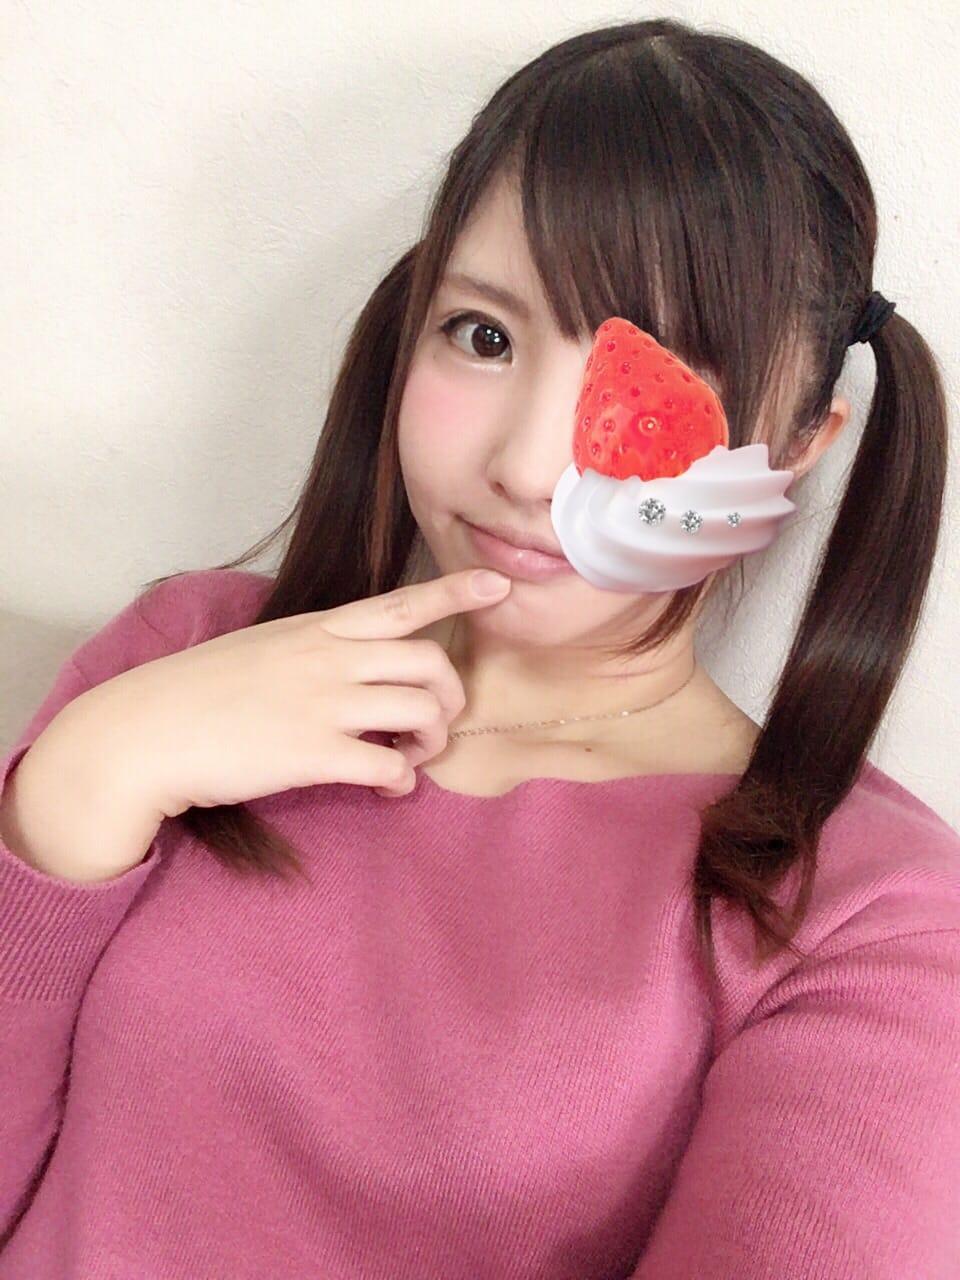 「いちご狩り♡」03/05(月) 00:20 | みなみの写メ・風俗動画